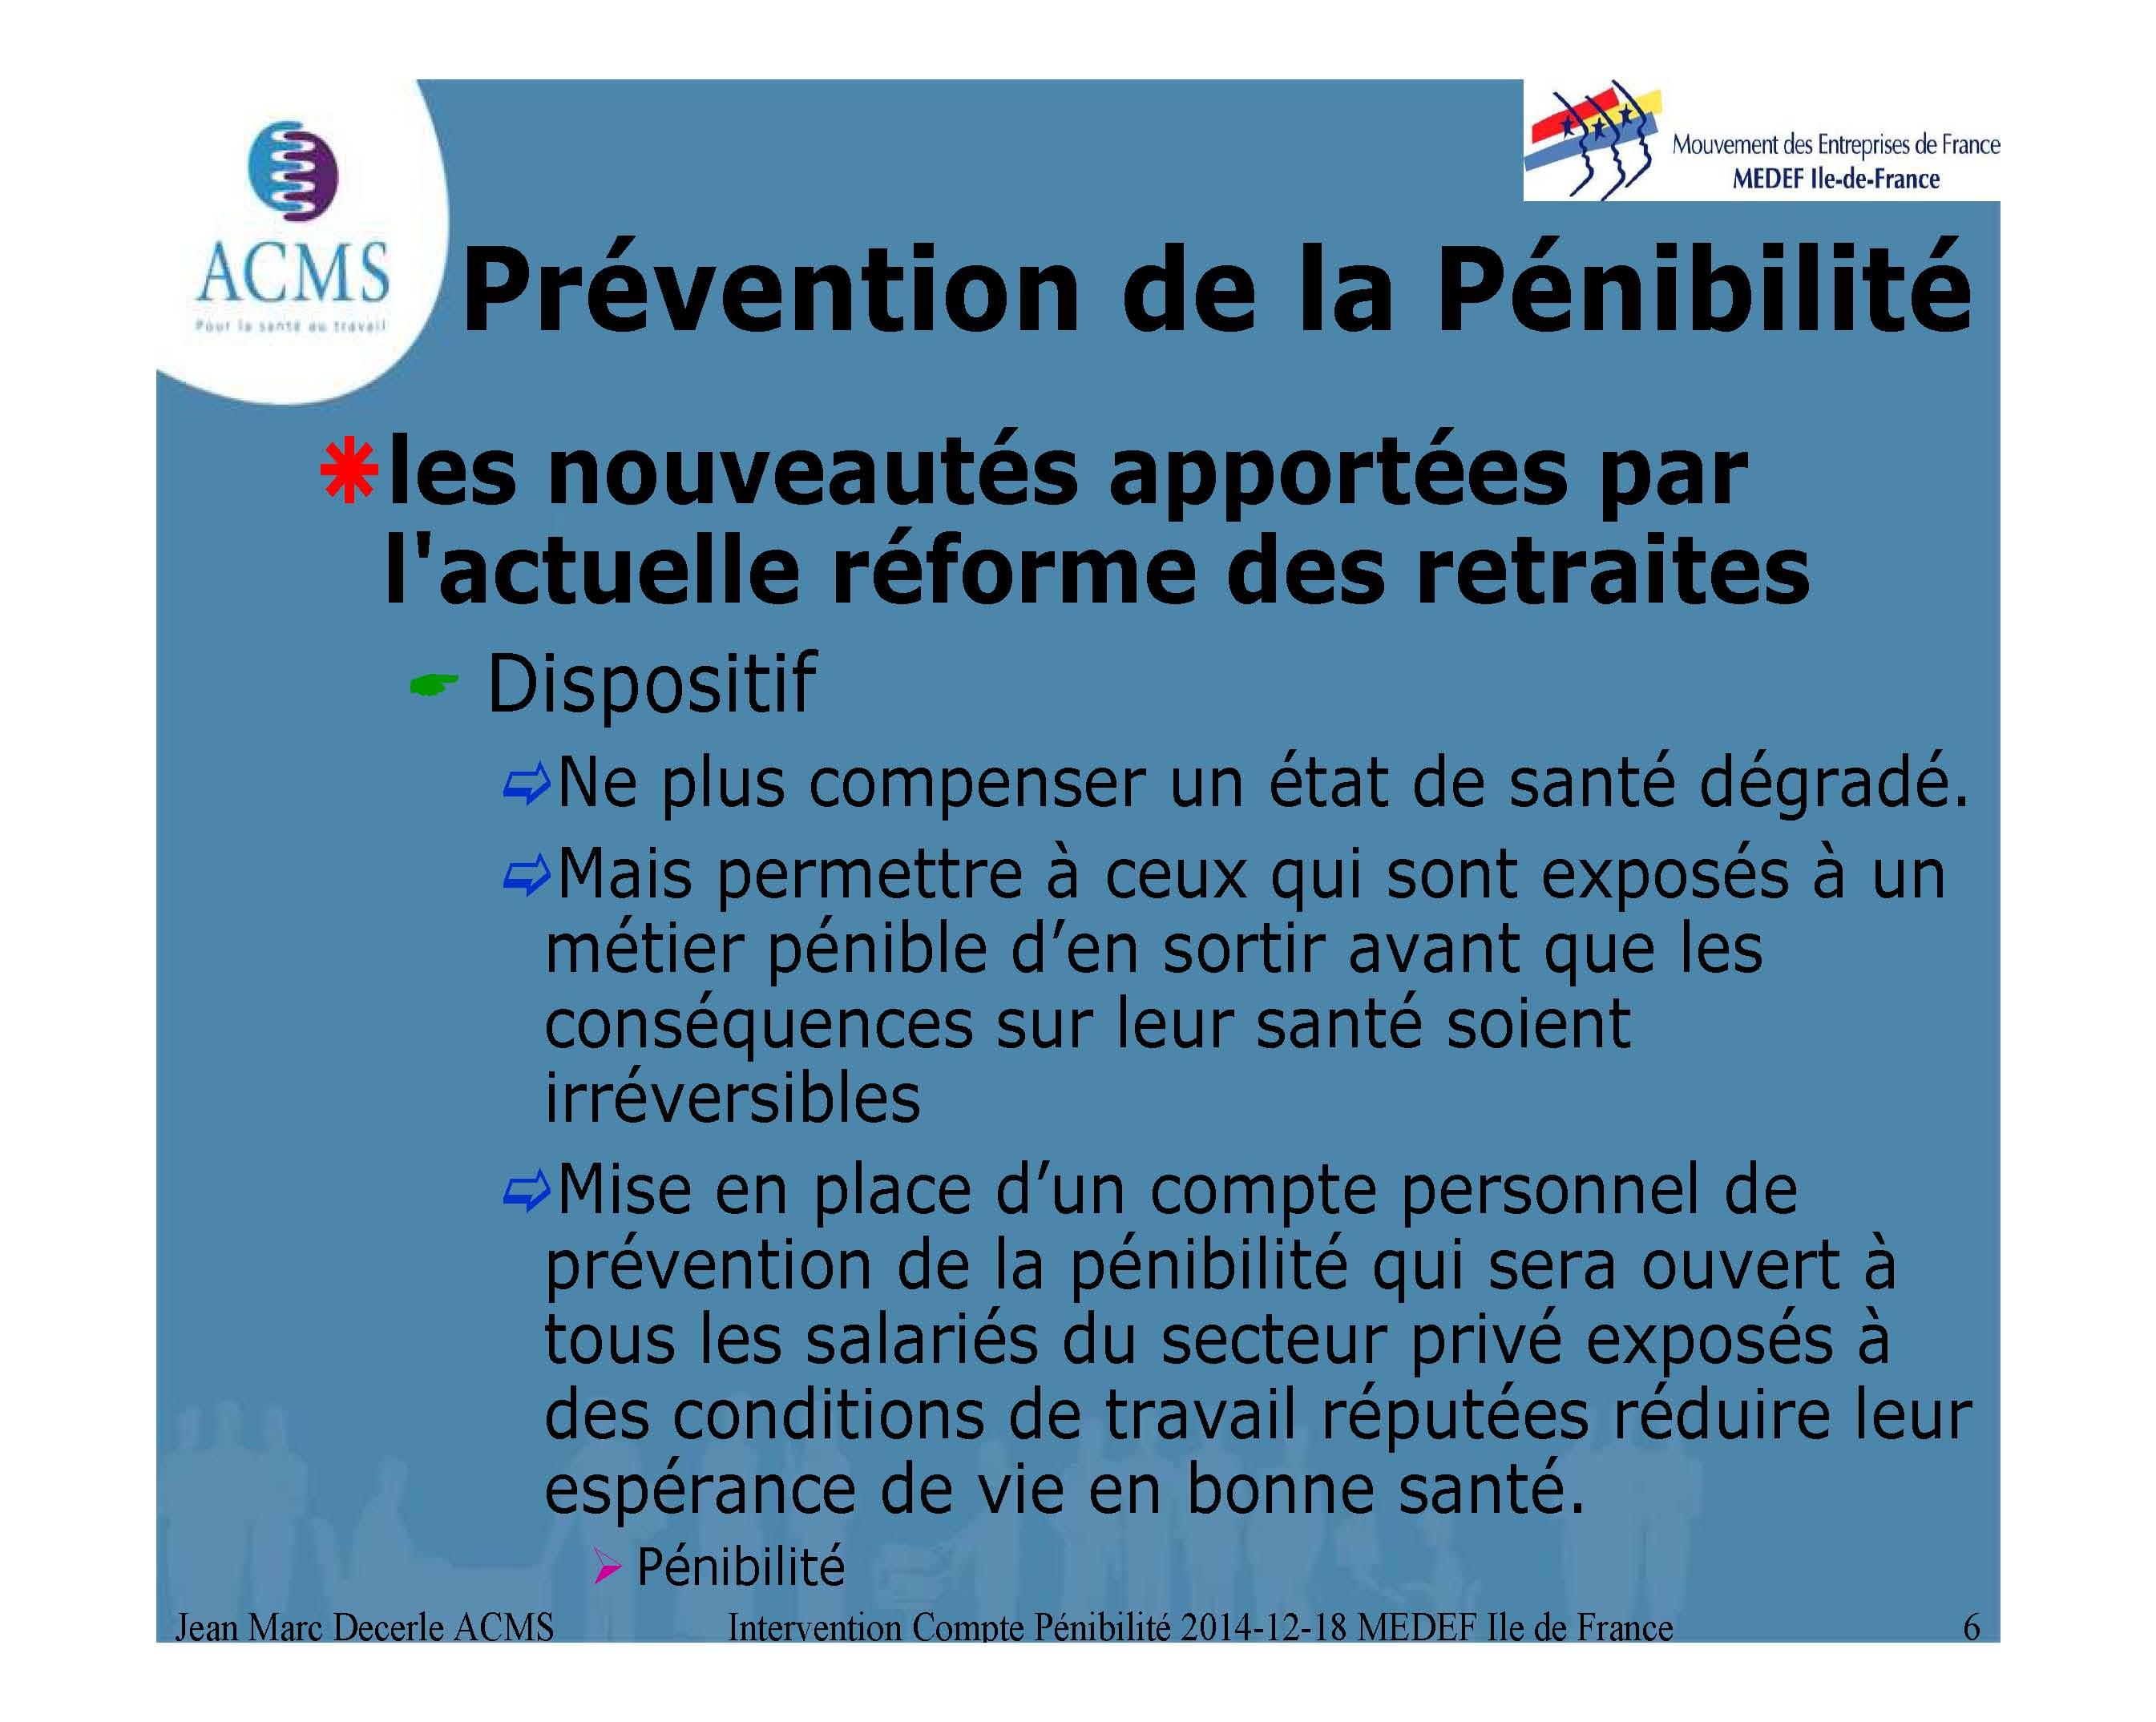 2014-12-18 Compte Pénibilite MEDEF Ile de France_Page_06